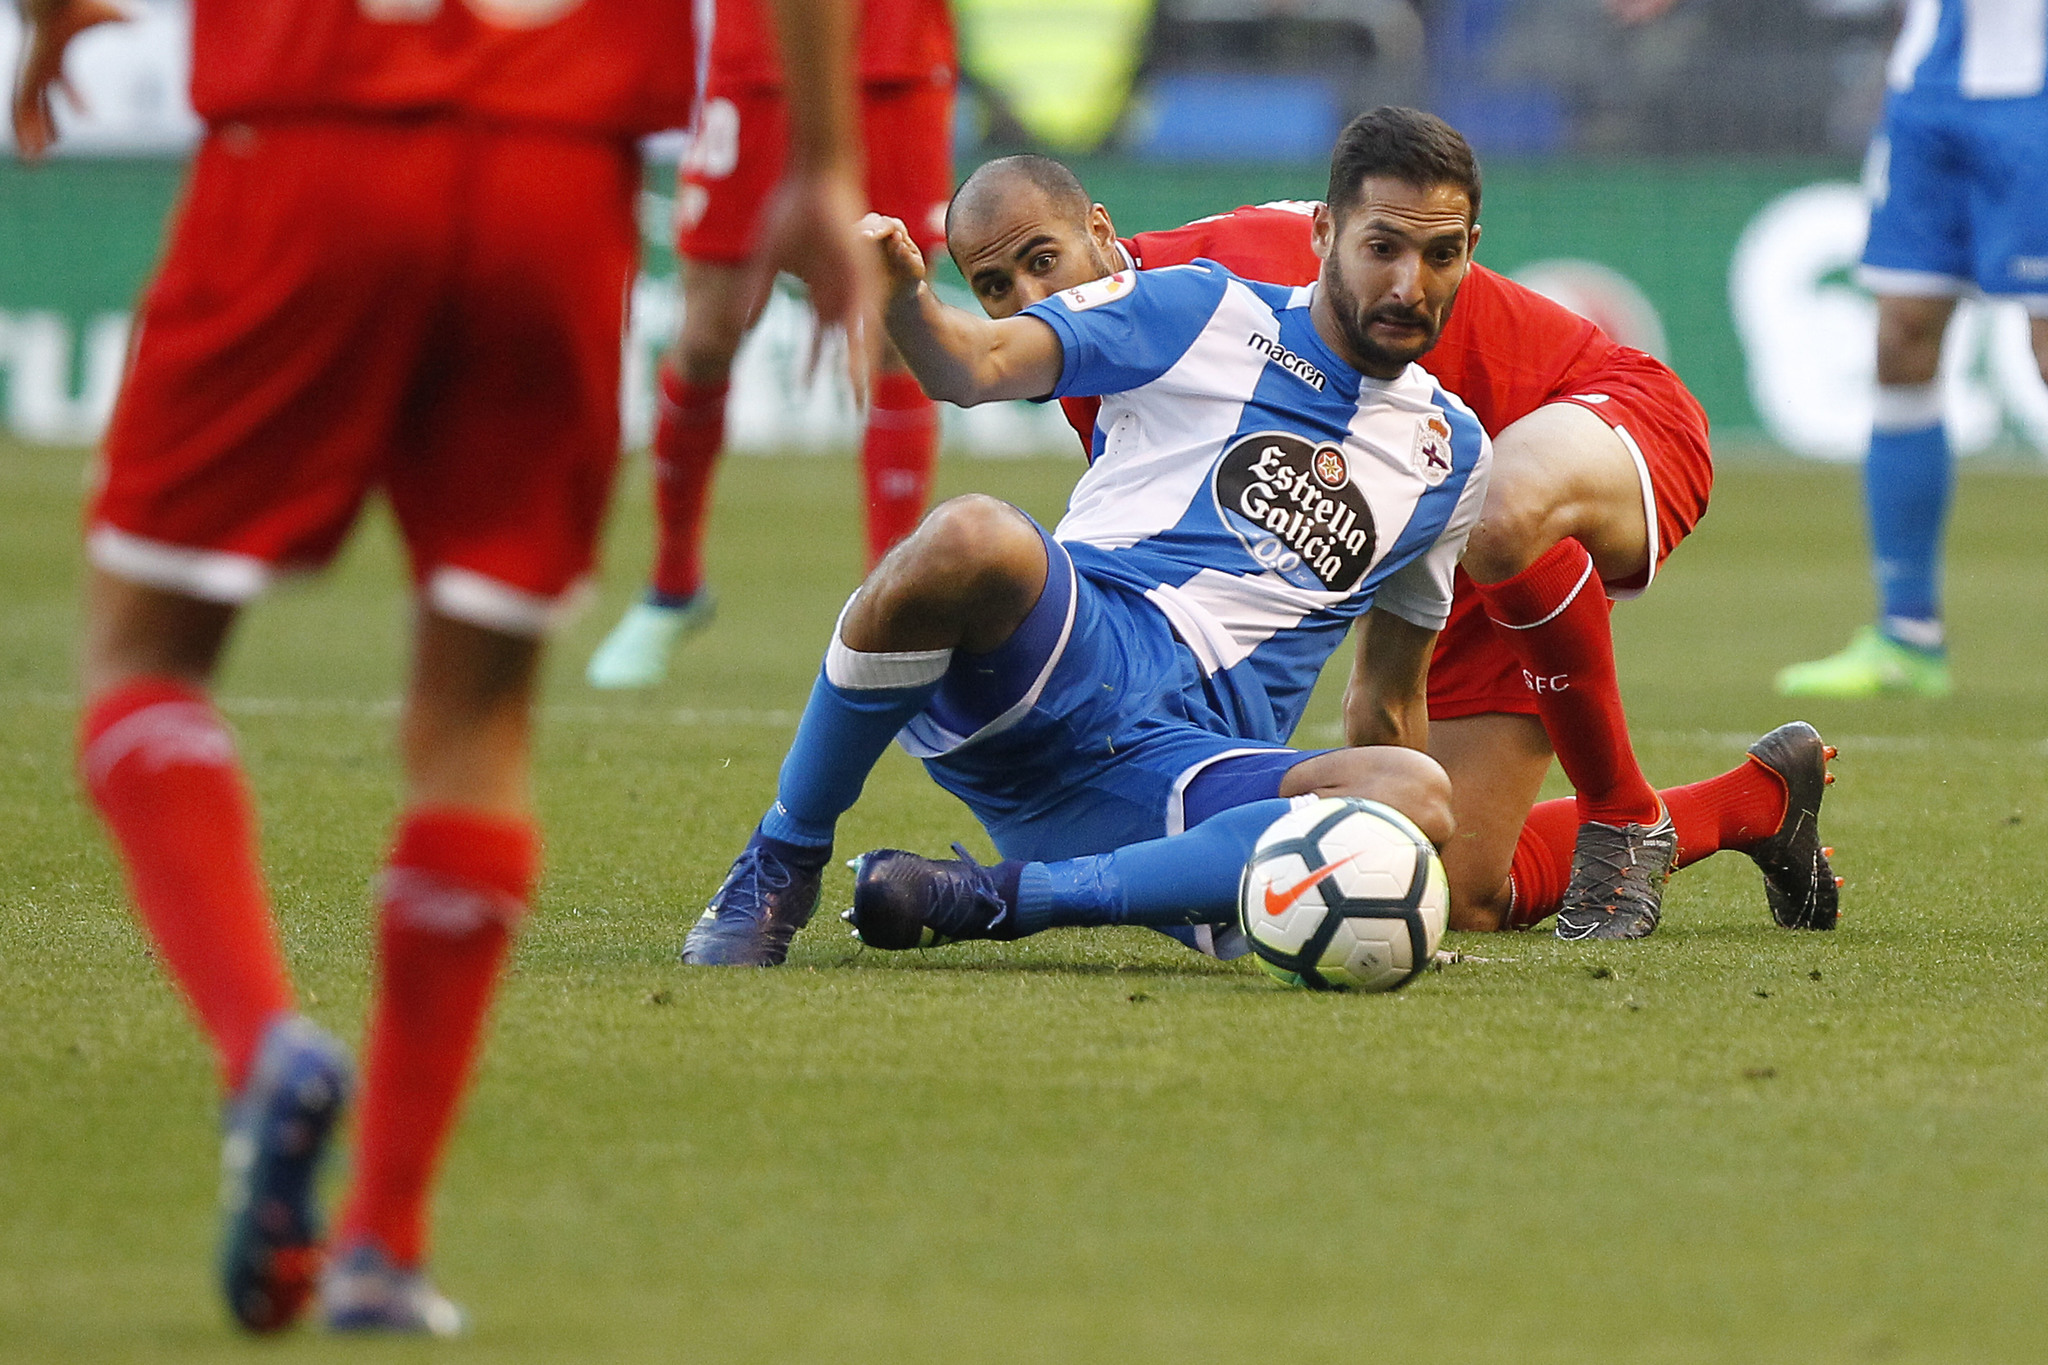 El blanquiazul jugará el sábado en Riazor contra el Villarreal su último  compromiso de la temporada con la camiseta del Dépor y se marchará para ... 4302ecb7d9fcc